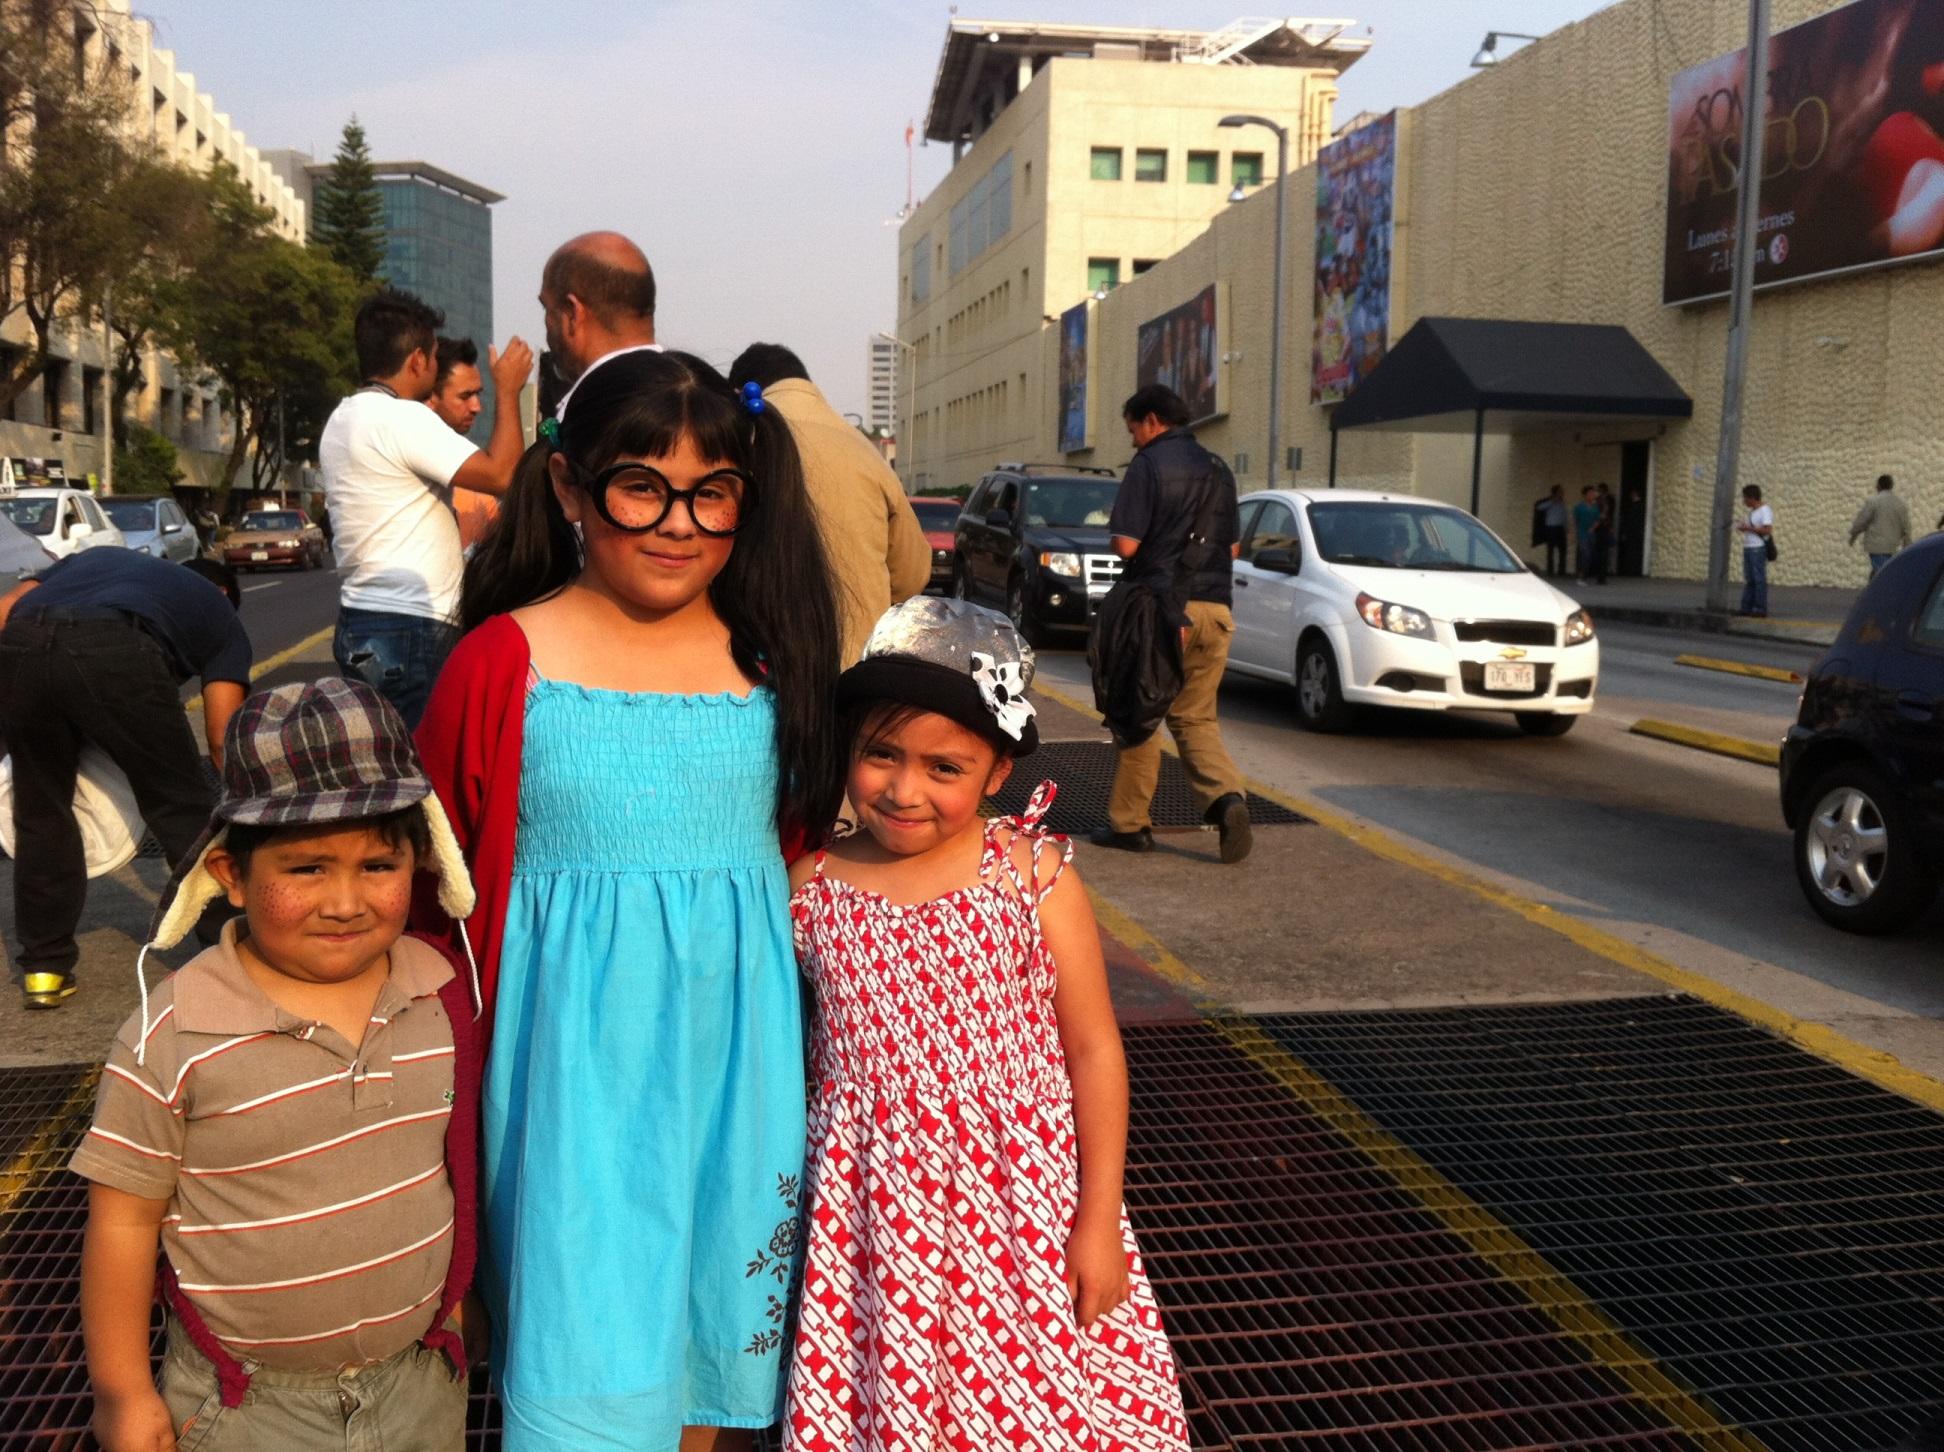 CIUDAD DE MÉXICO, nov 29, 2014.- Seguidores de 'Chespirito' acudieron hoy a las instalaciones de Televisa Chapultepec, a la repartición de los boletos para dar el último adiós a 'Chespirito'. Mañana domingo se realizará un homenaje de cuerpo presente para Roberto Gómez Bolaños en el Estadio Azteca. (LaRepúblicaEC/Xavier López)